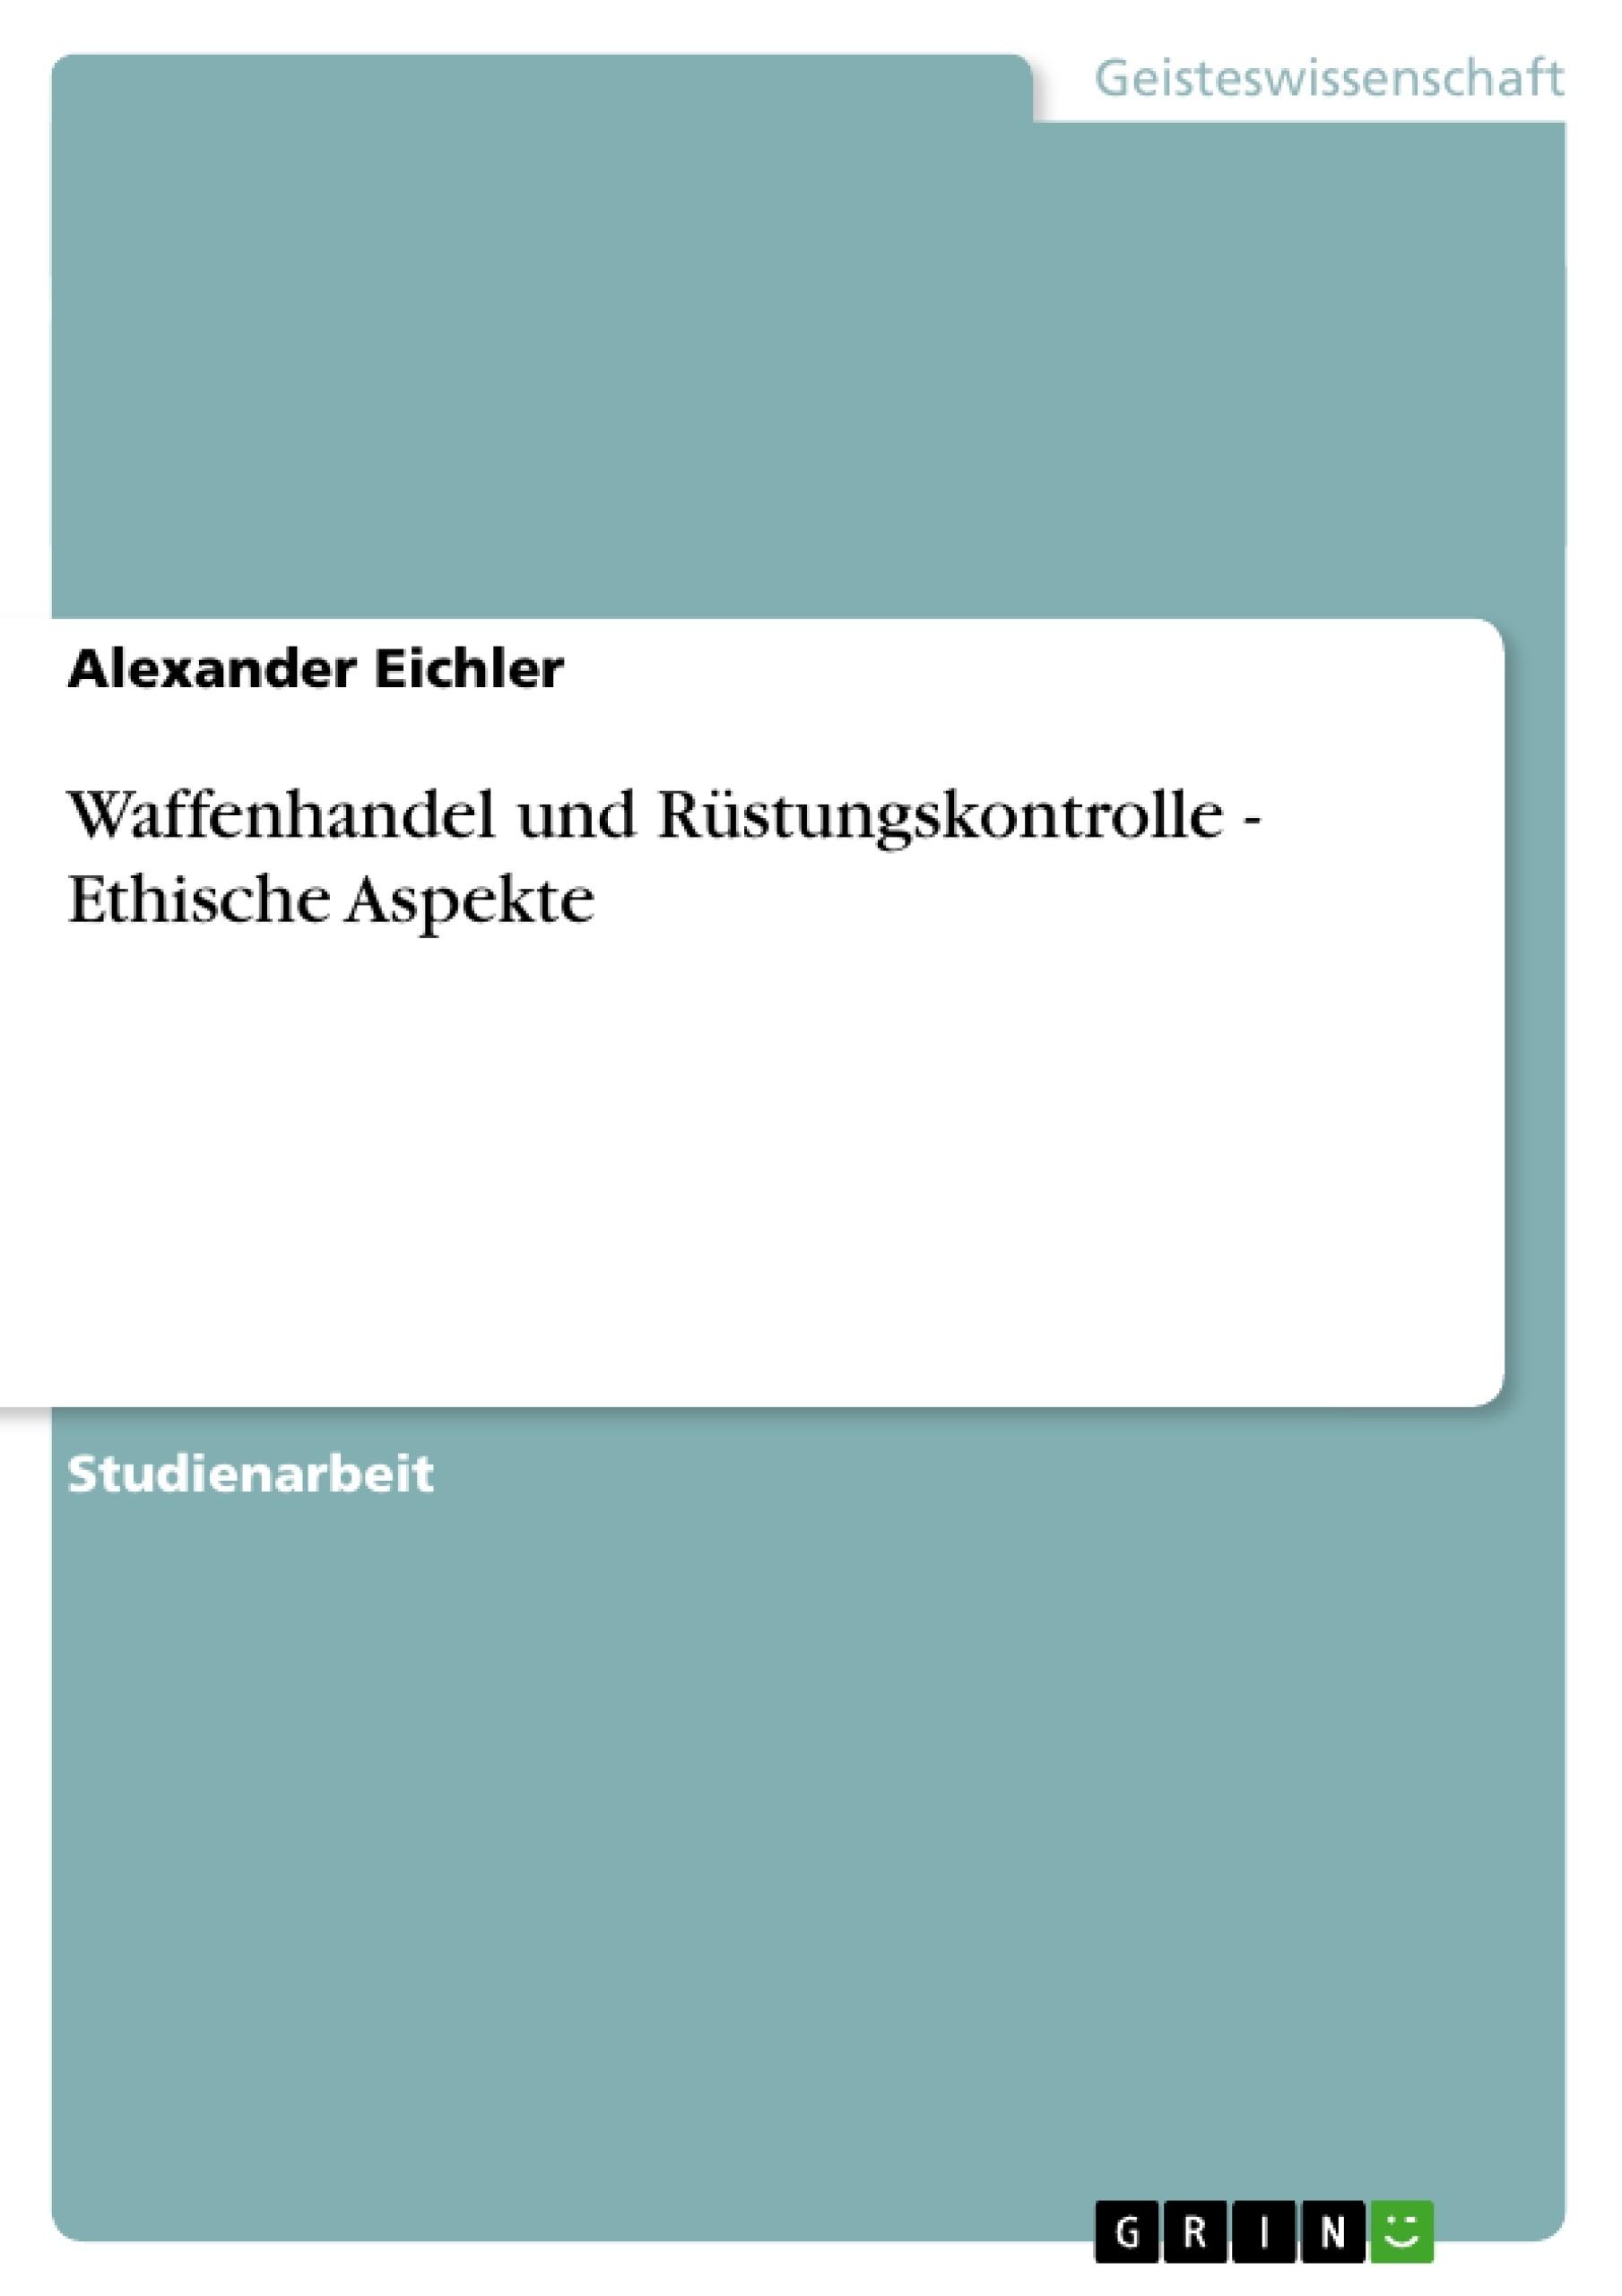 Titel: Waffenhandel und Rüstungskontrolle - Ethische Aspekte